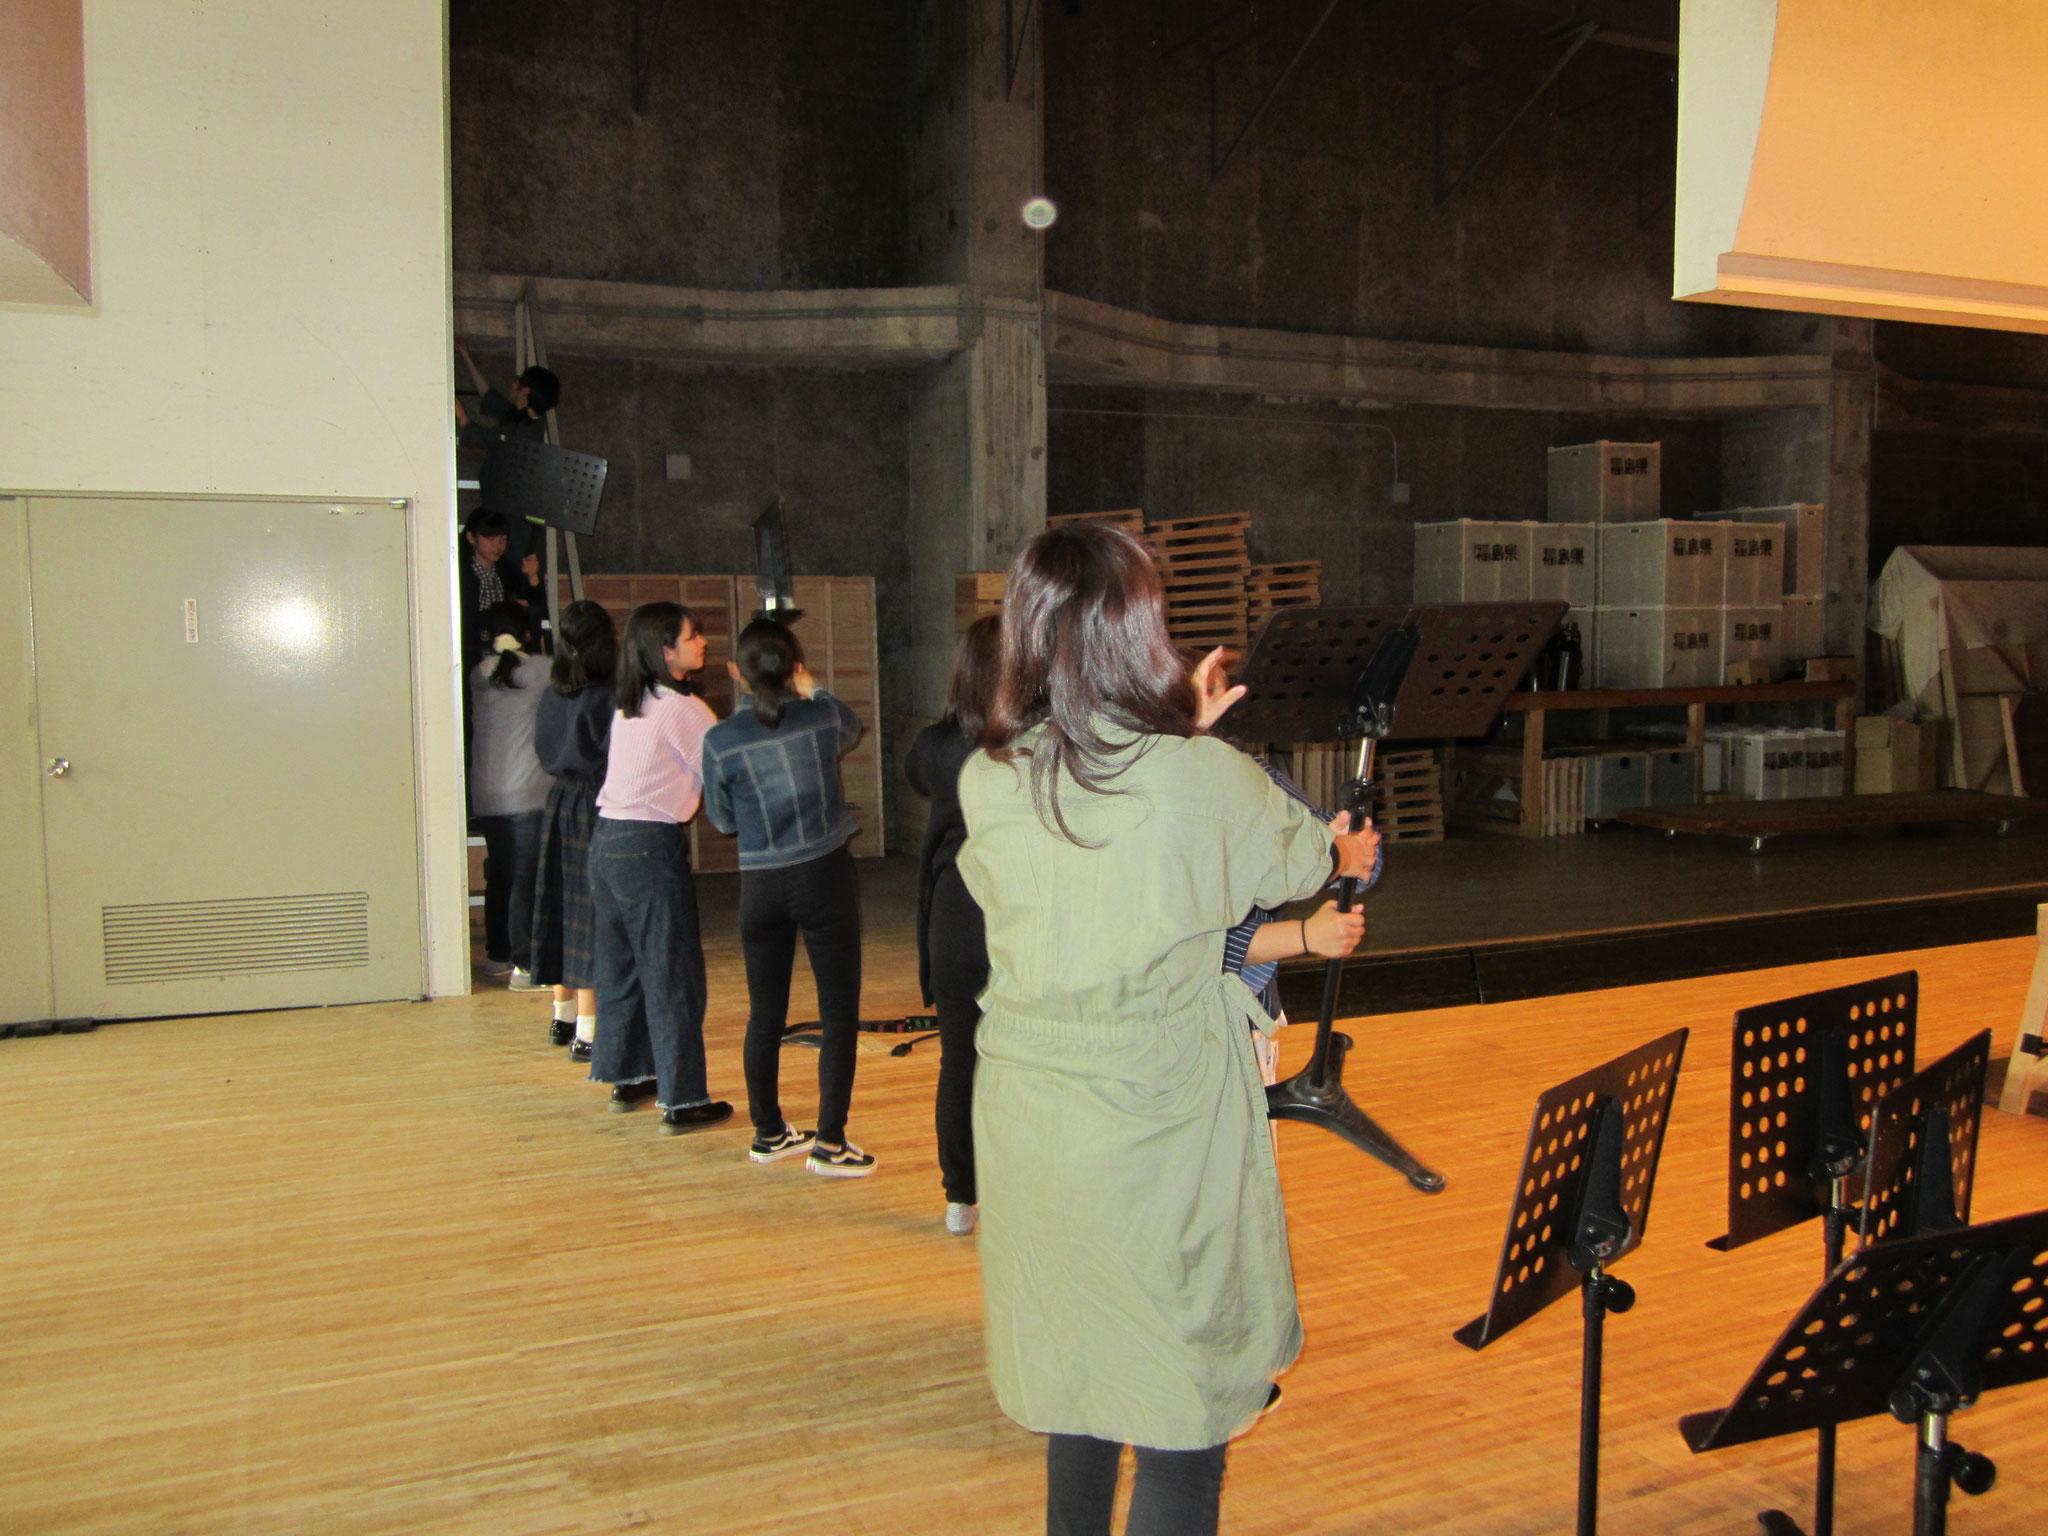 そして、いよいよ舞台設営へ。恒例の「譜面台」リレー。